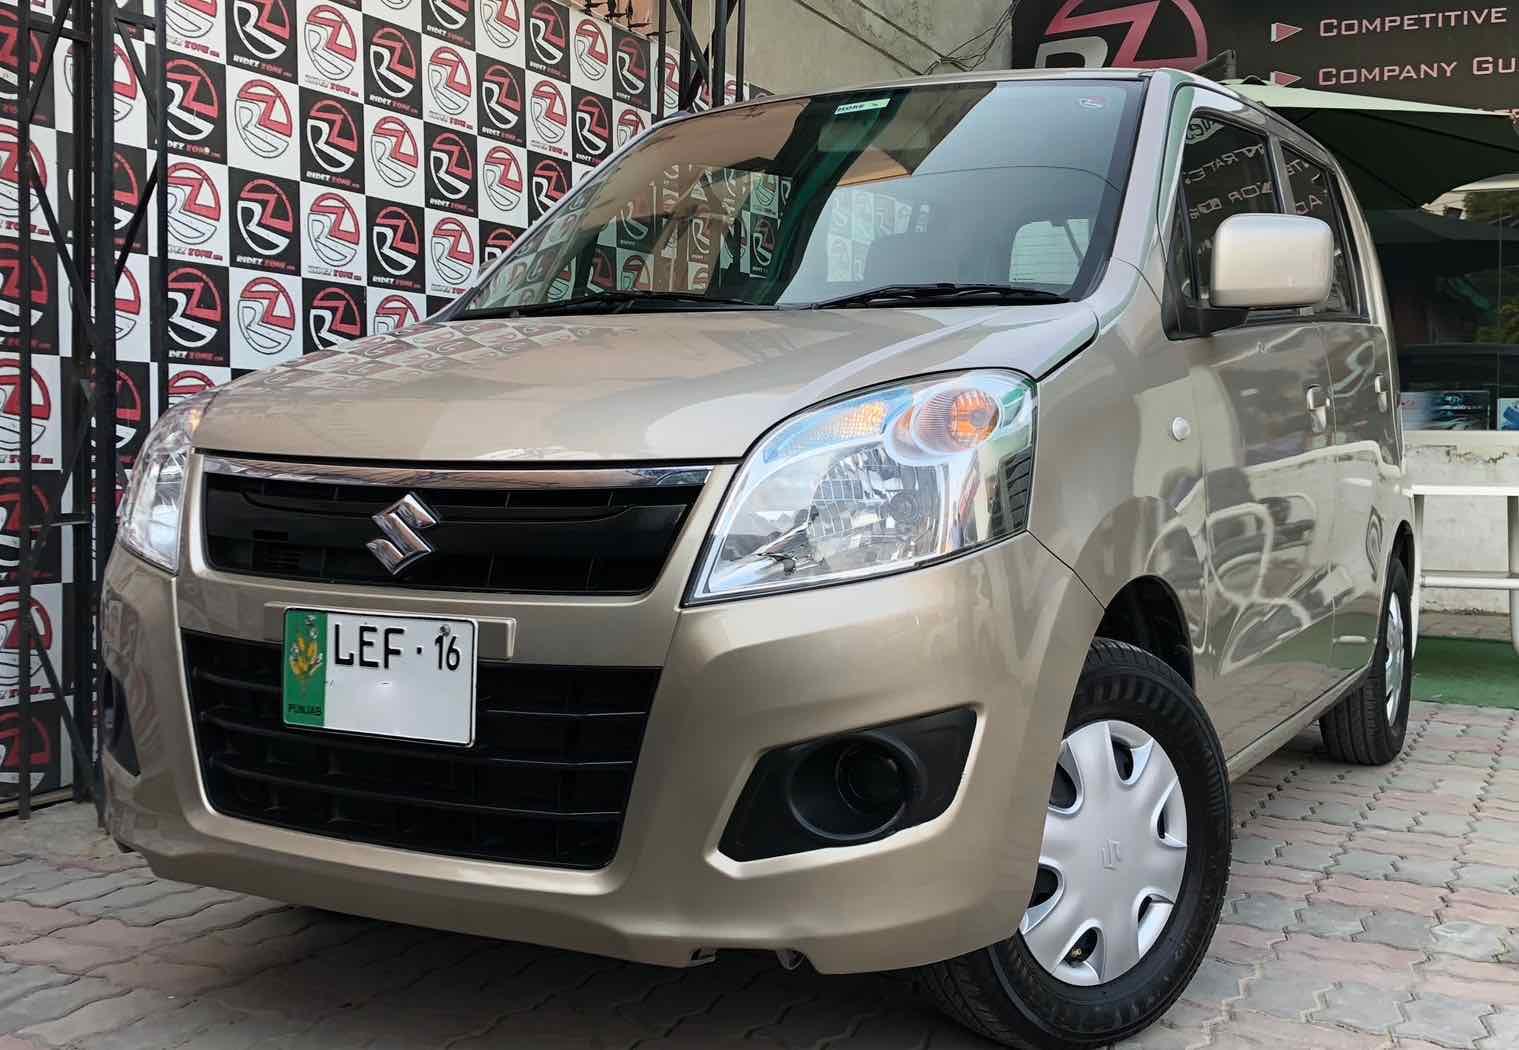 hight resolution of suzuki wagon r model 2016 reg 2016 colour golden millage 26000 km 1st owner